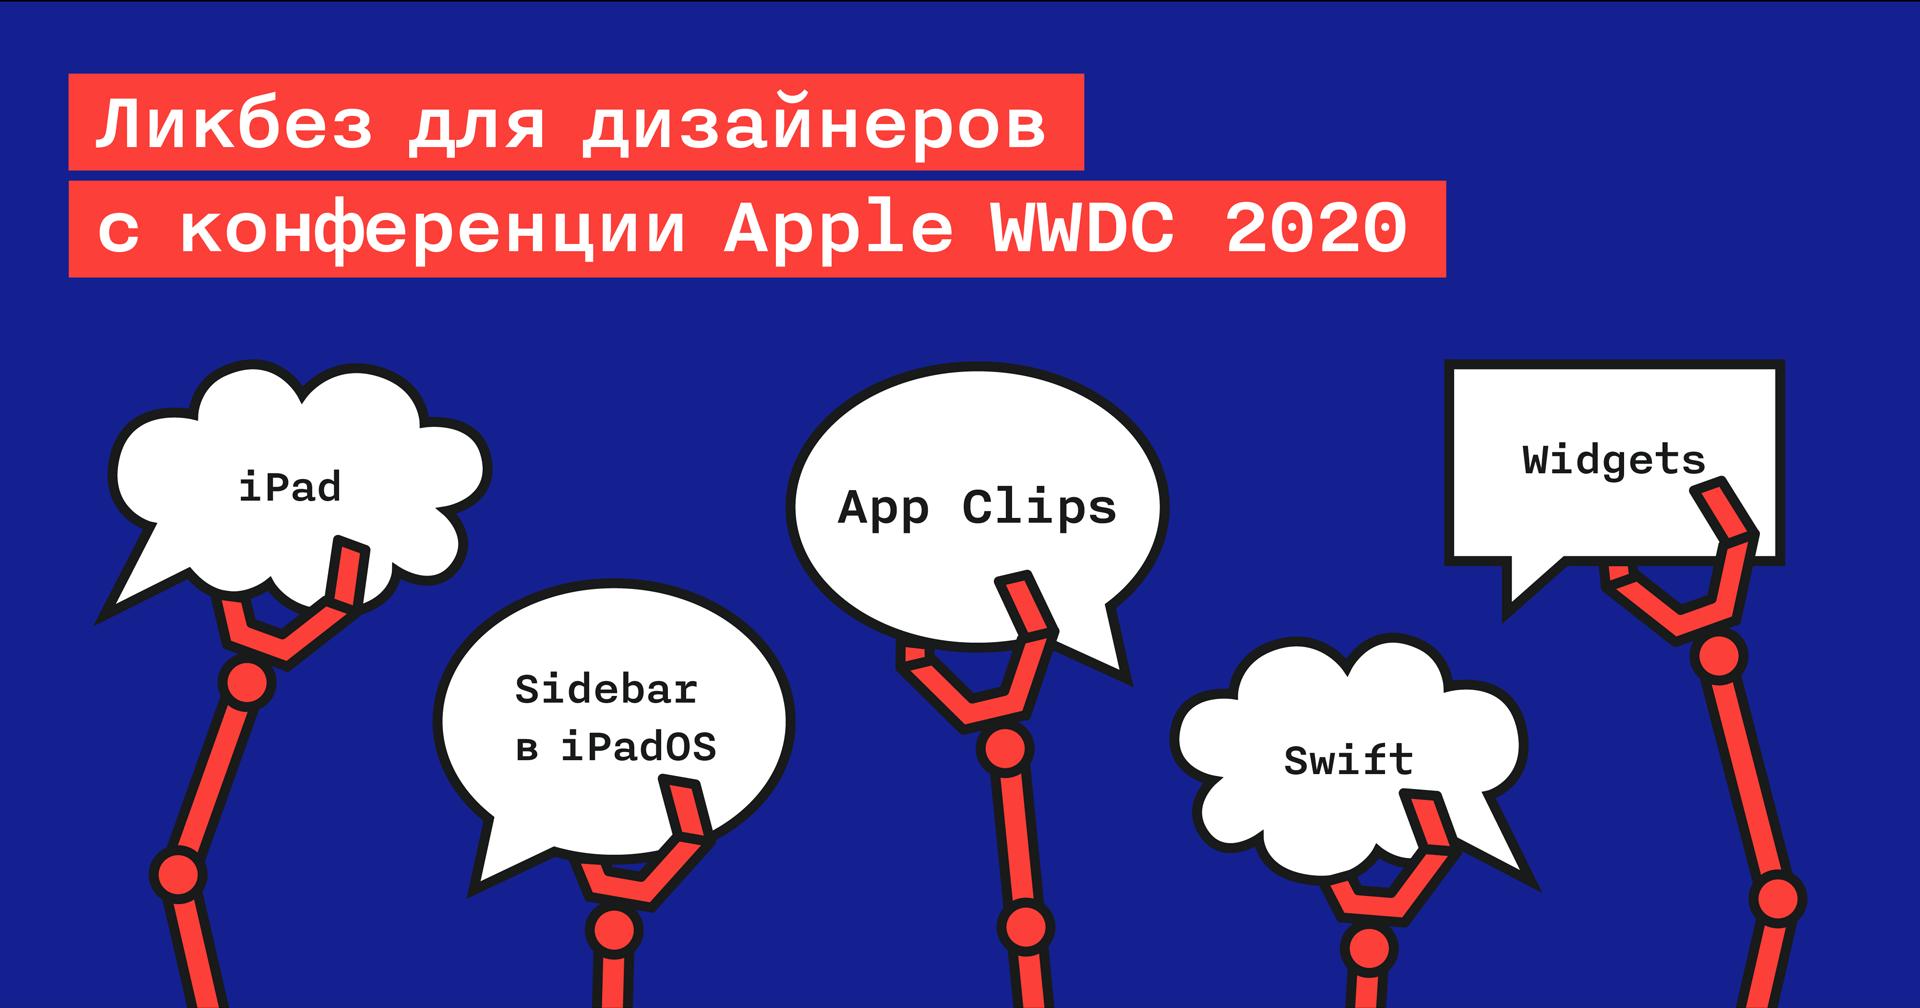 Ликбез для дизайнеров с конференции Apple WWDC 2020